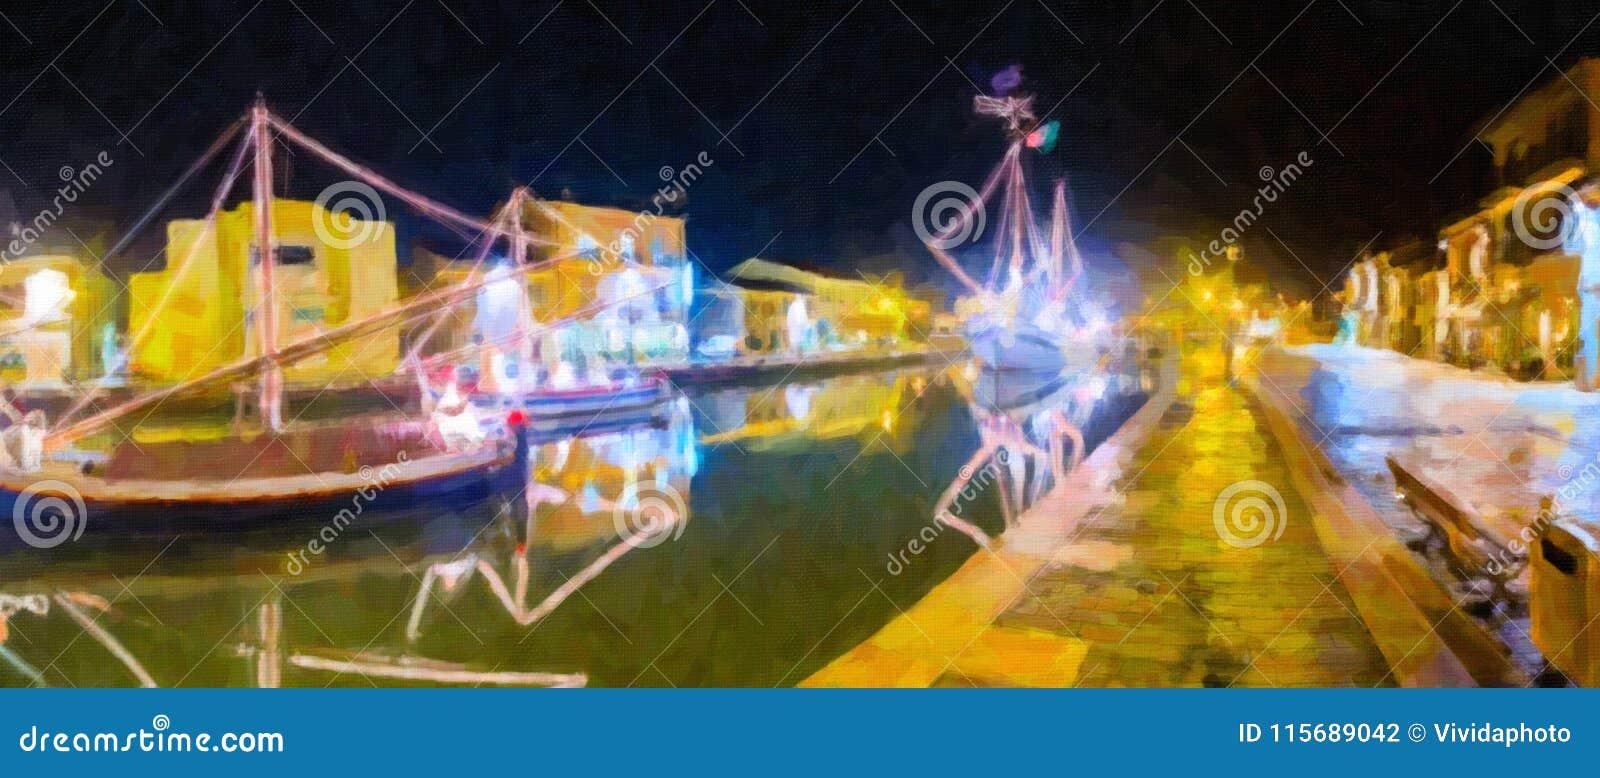 Ilustração de decorações, de luzes e de Marine Crib do Natal